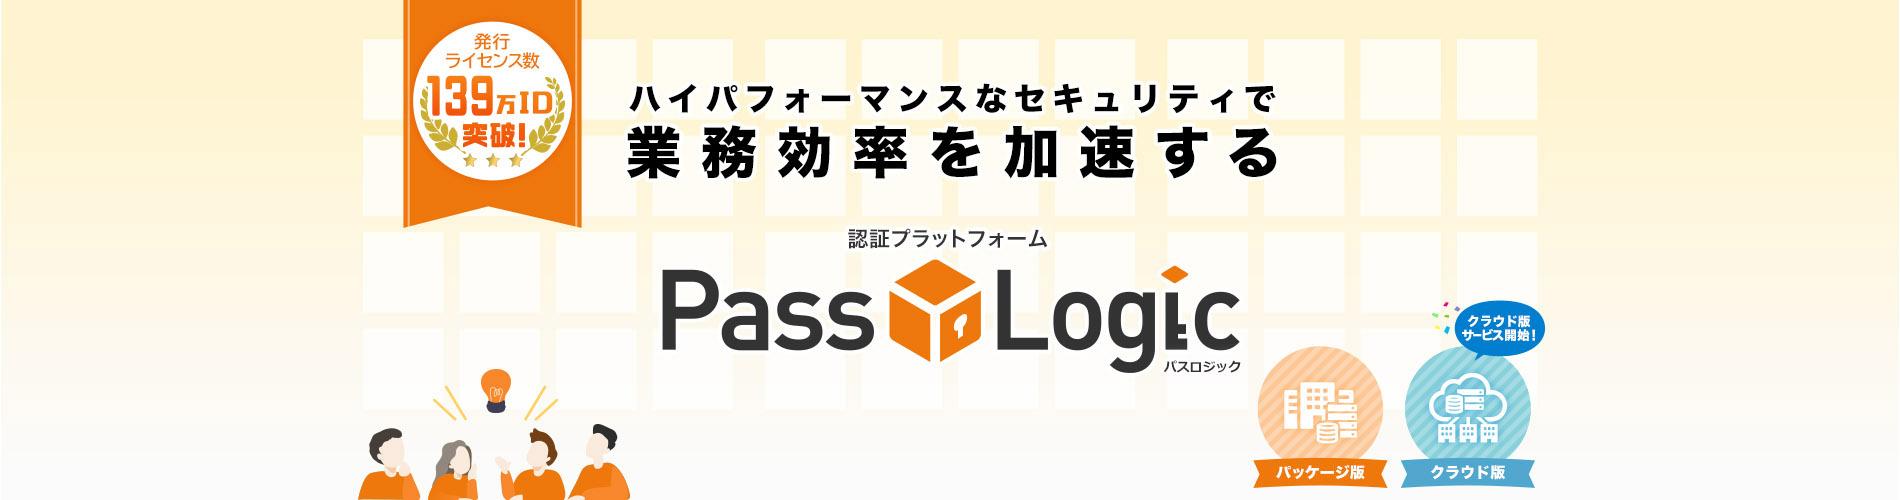 認証プラットフォーム PassLogic